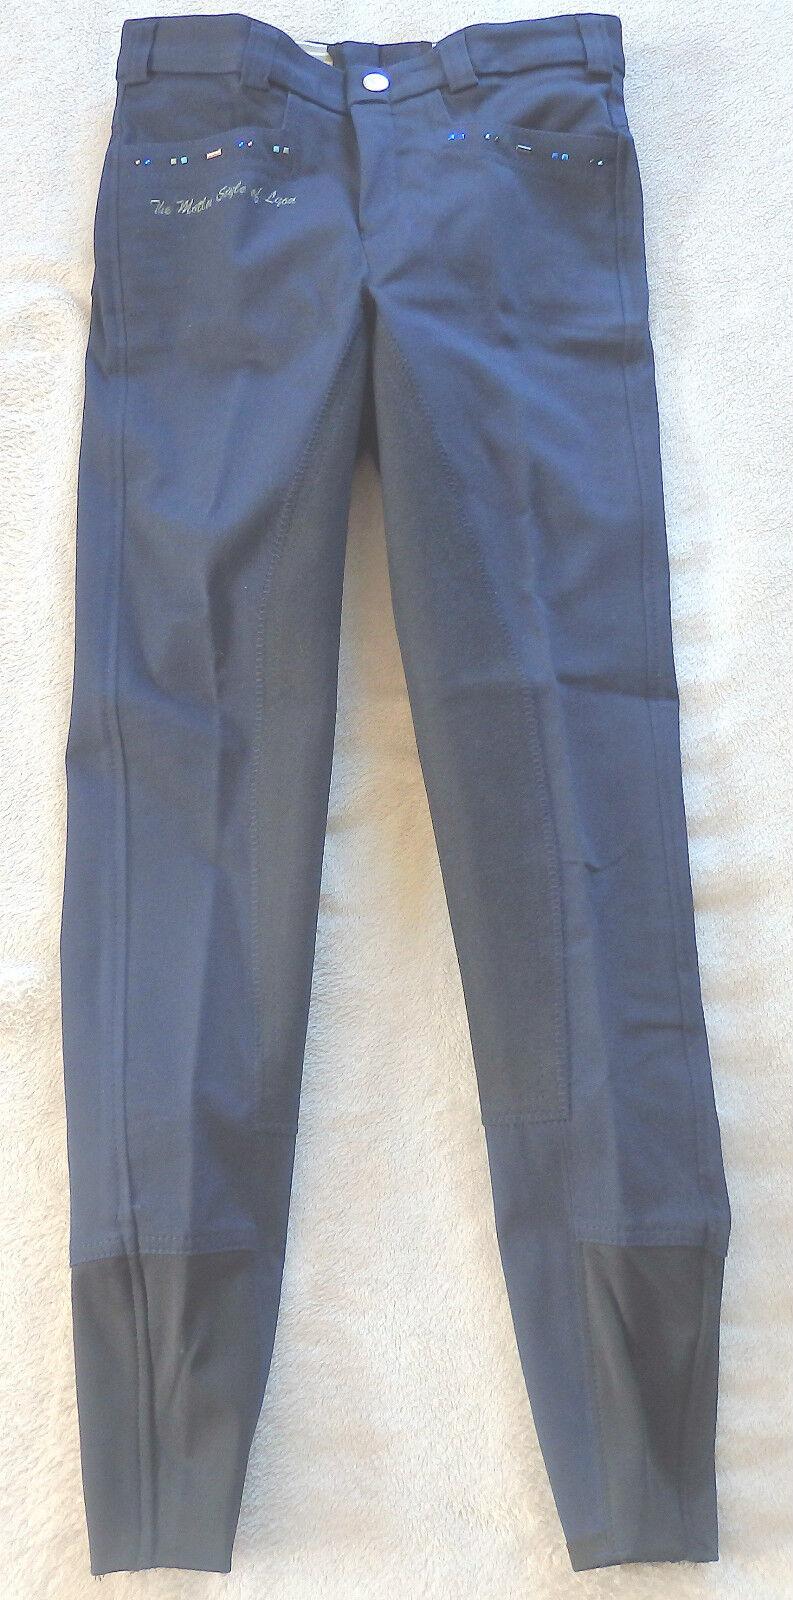 CATAGO  LDRENS JODHPURS, FULL TRIM,  Dark bluee, Size 140SL, stretchabschluß, (4501)  special offer